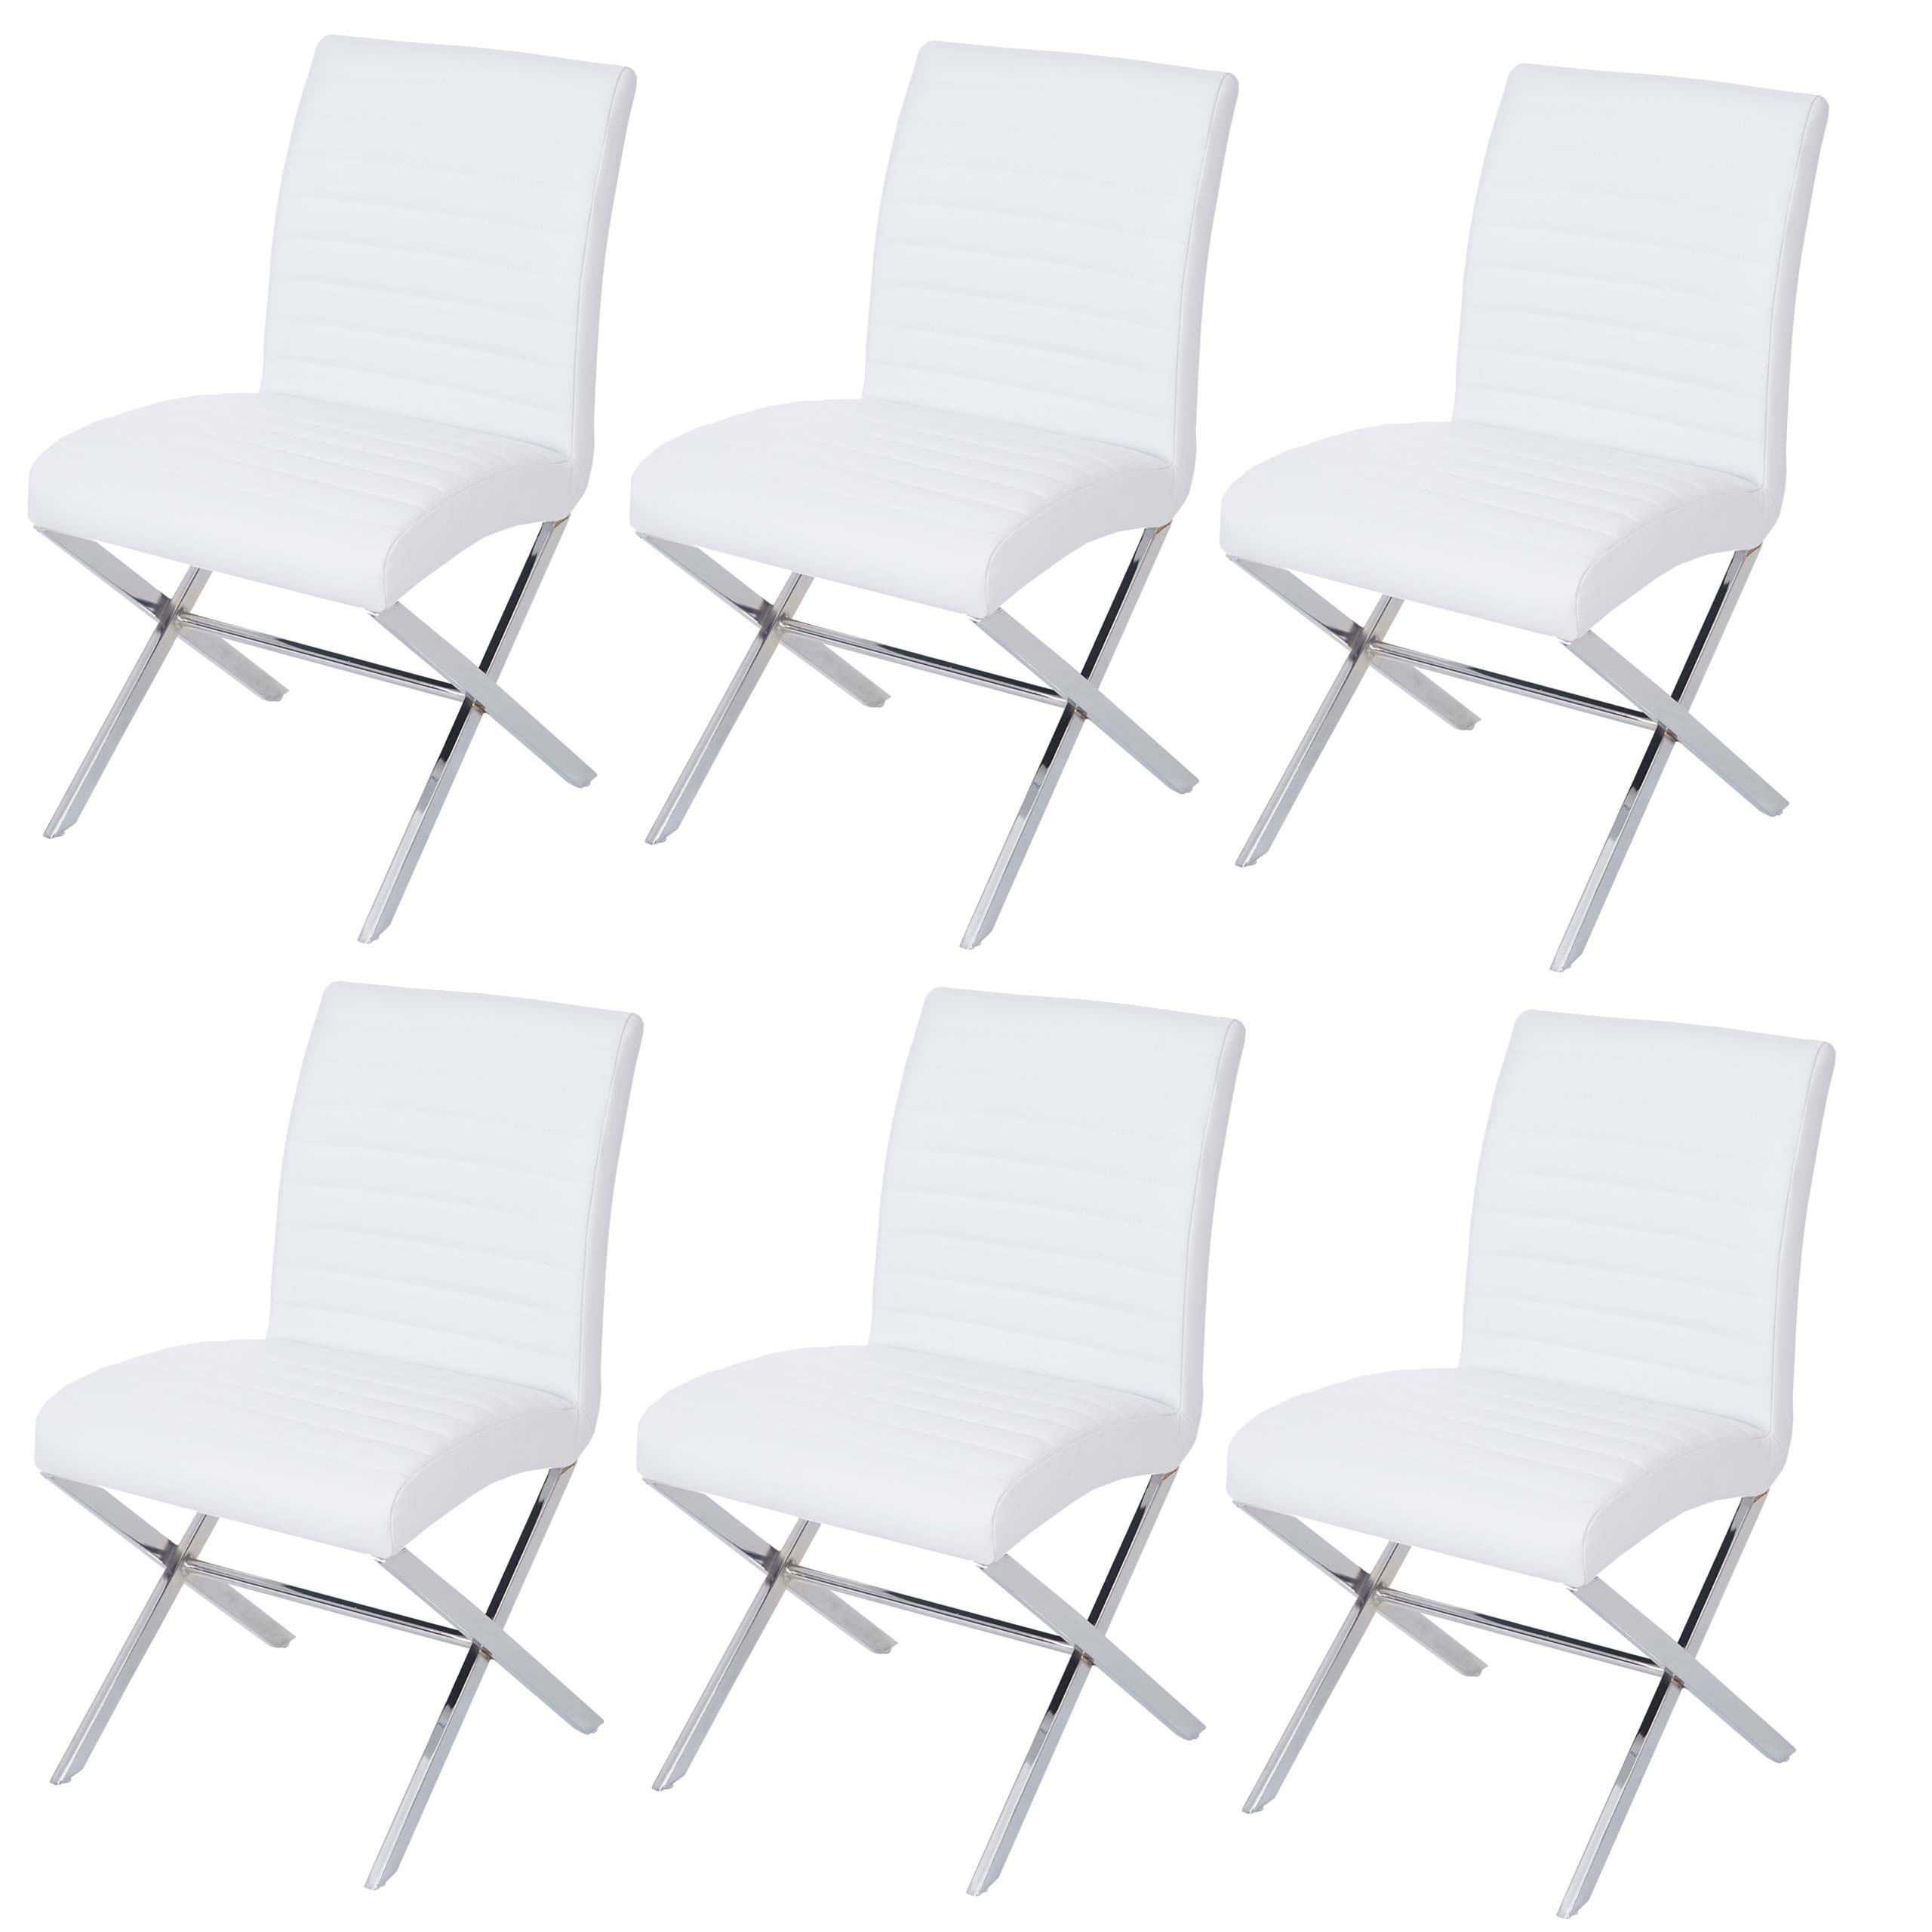 Set 2x sedie sala da pranzo ufficio fano t711 ecopelle acciaio 60x47x87cm ebay - Sedie sala da pranzo ...